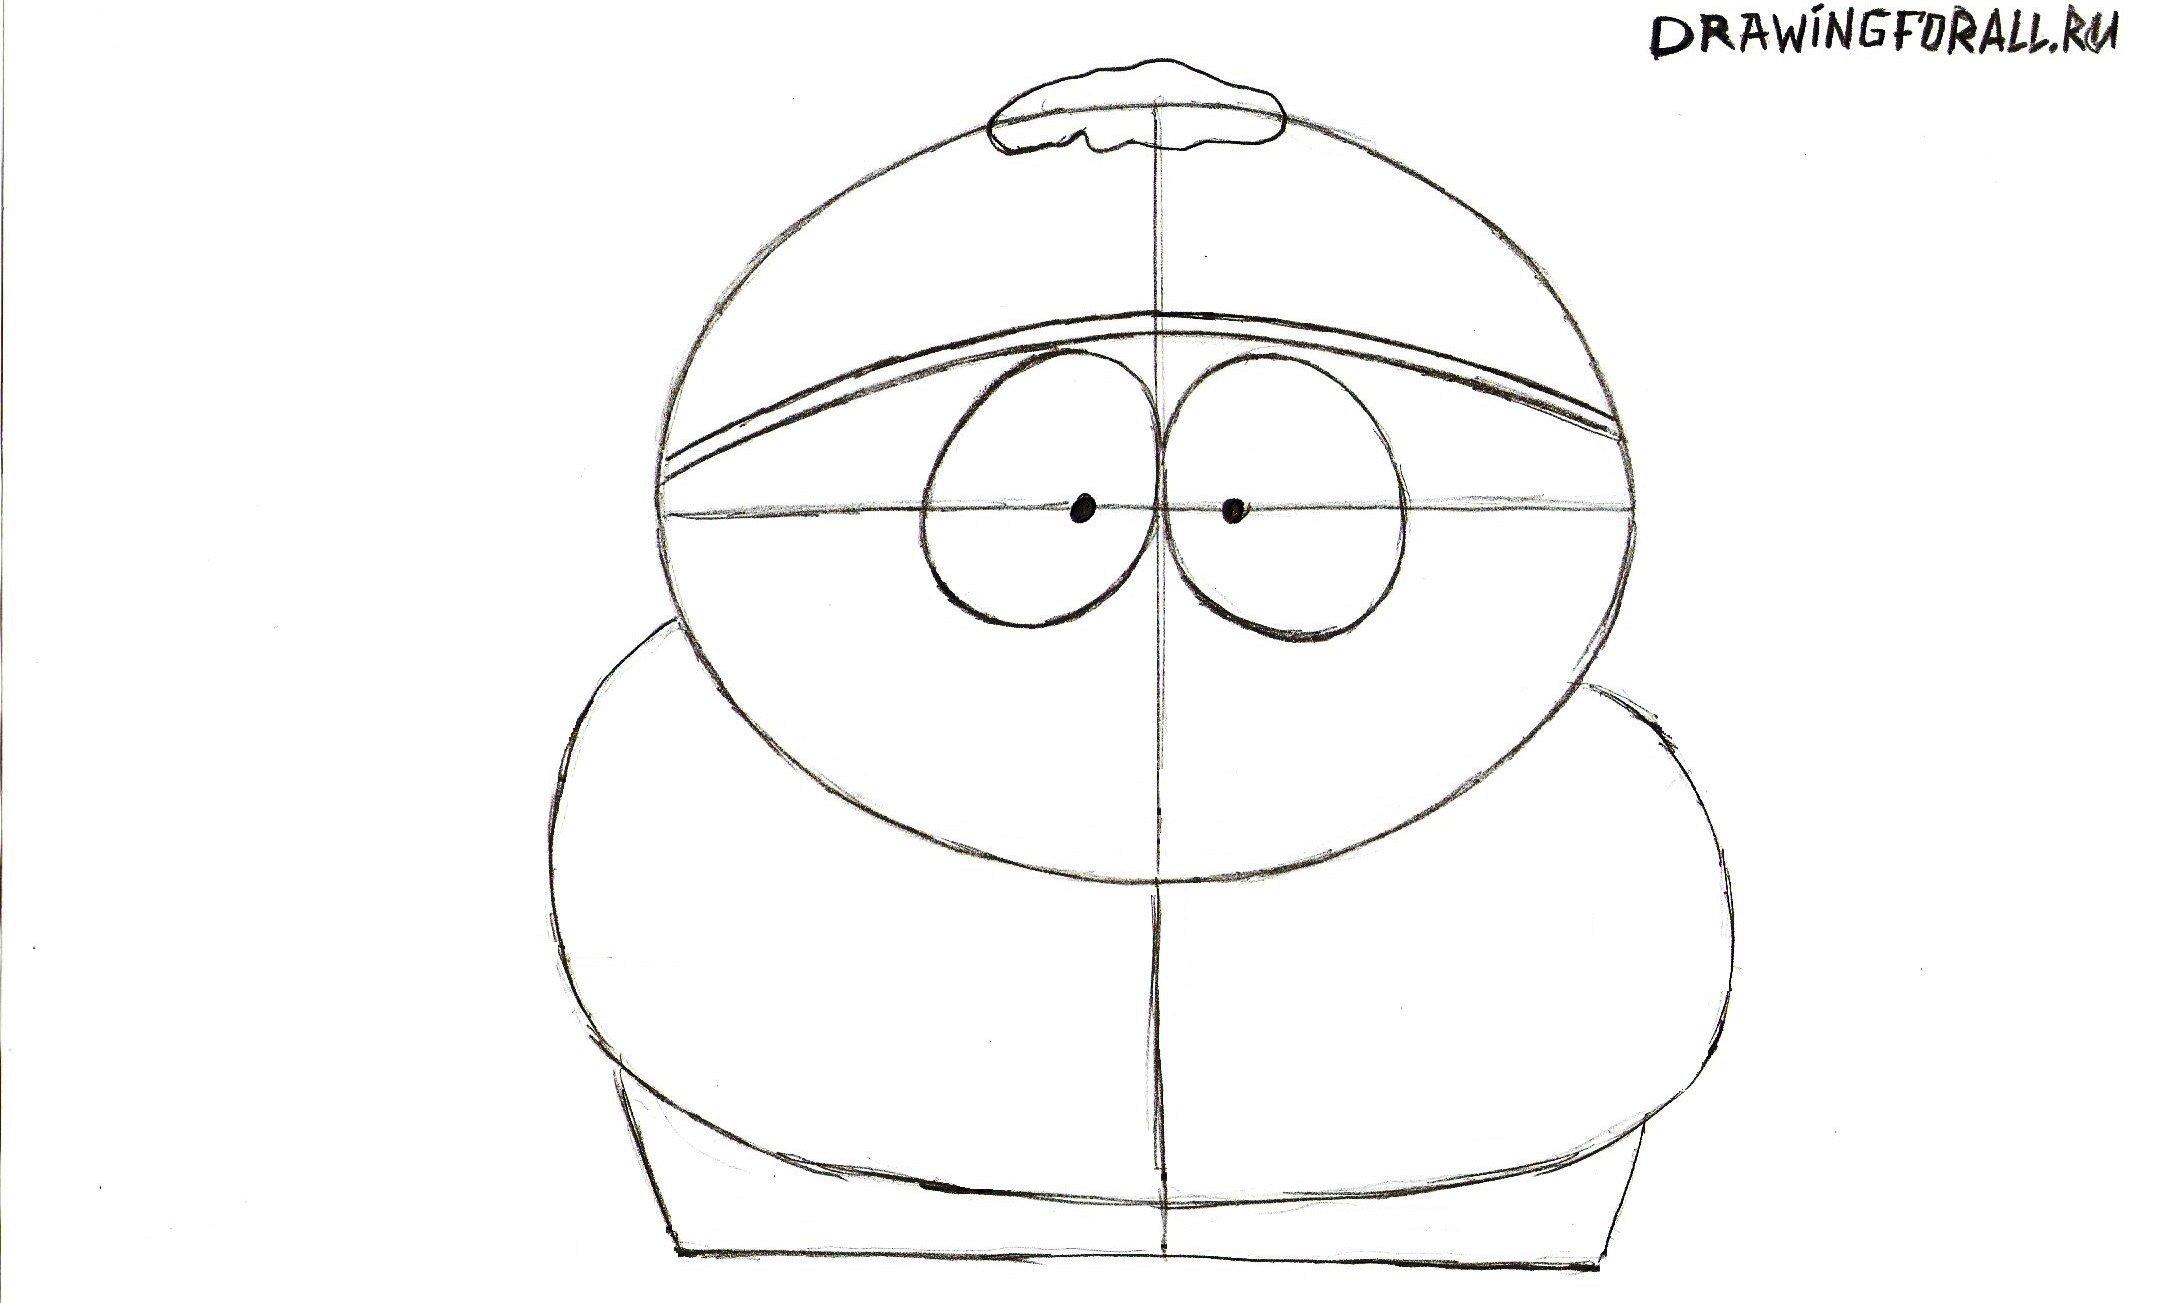 рисуем глаза Картмана